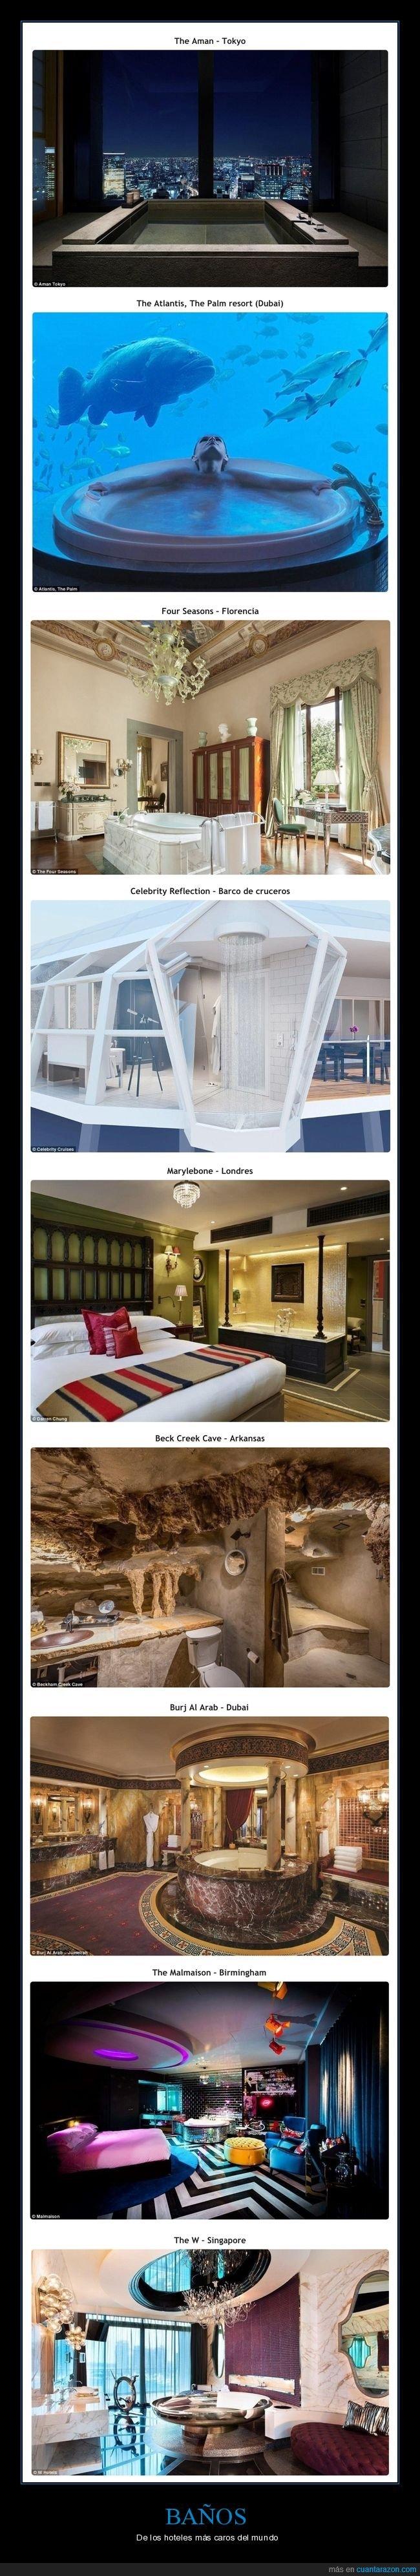 baños,caros,hoteles